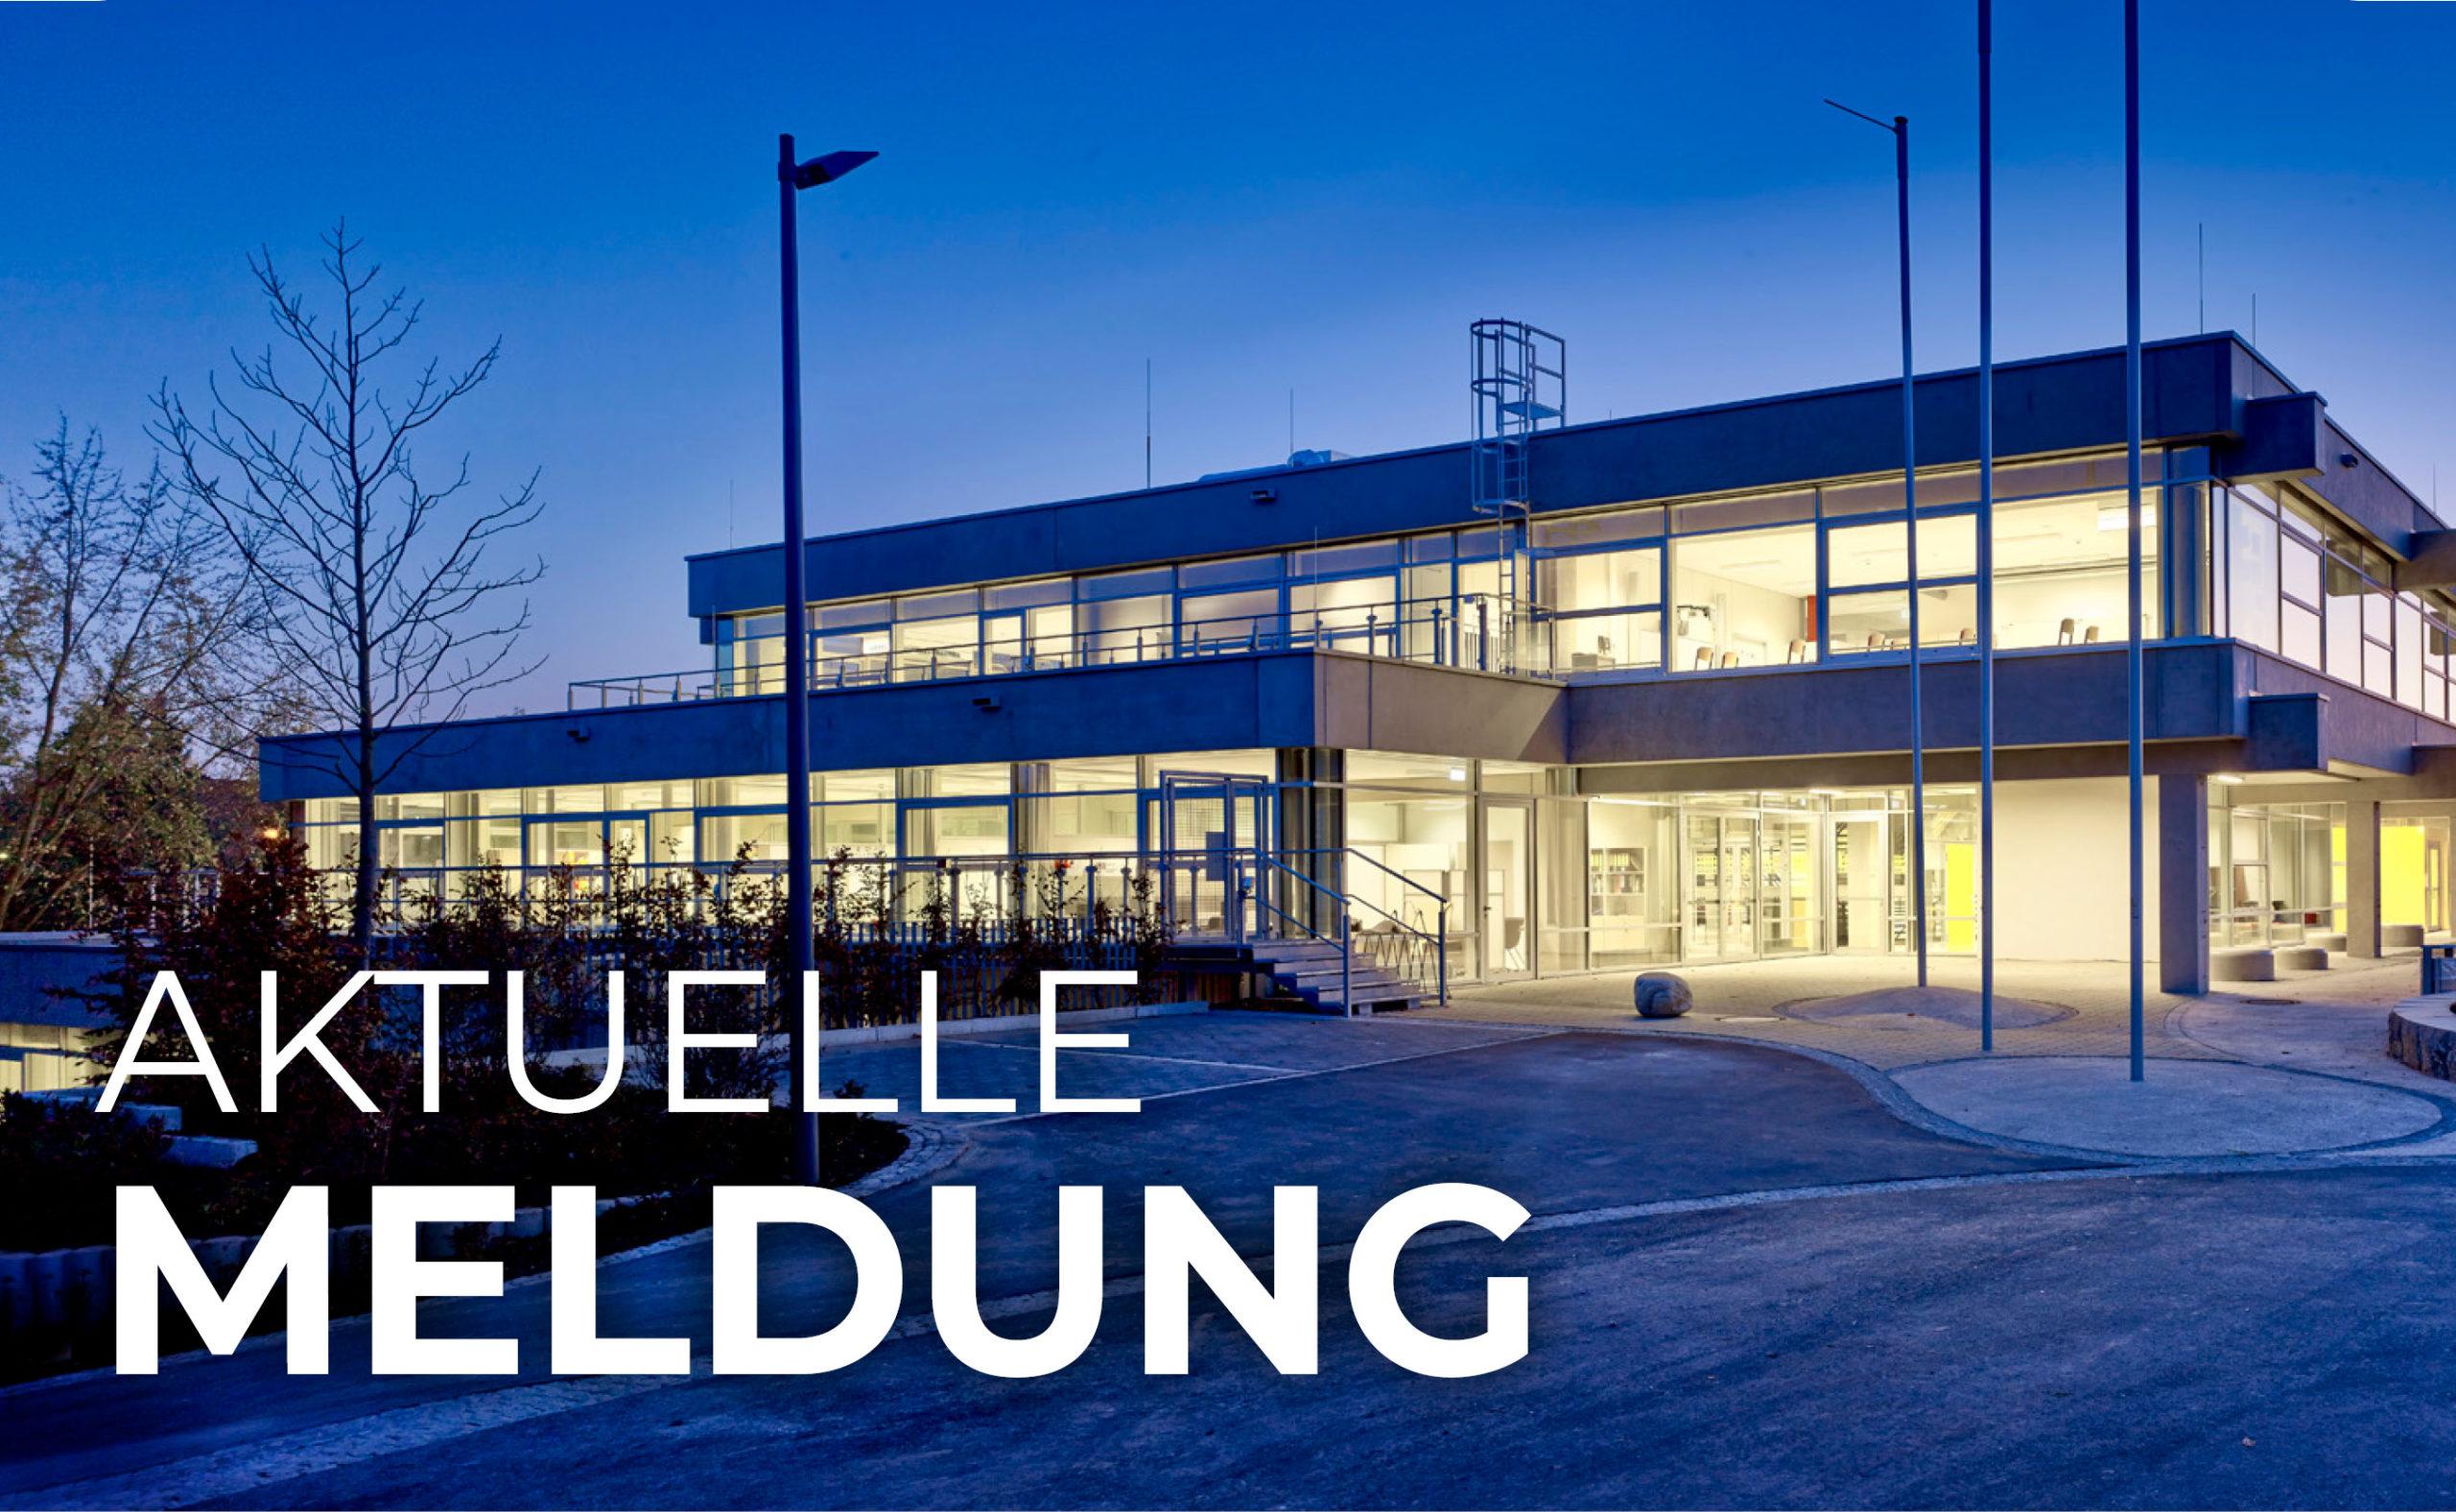 Aktuelle Meldung der Oskar-von-Miller Realschule in Rothenburg ob der Tauber